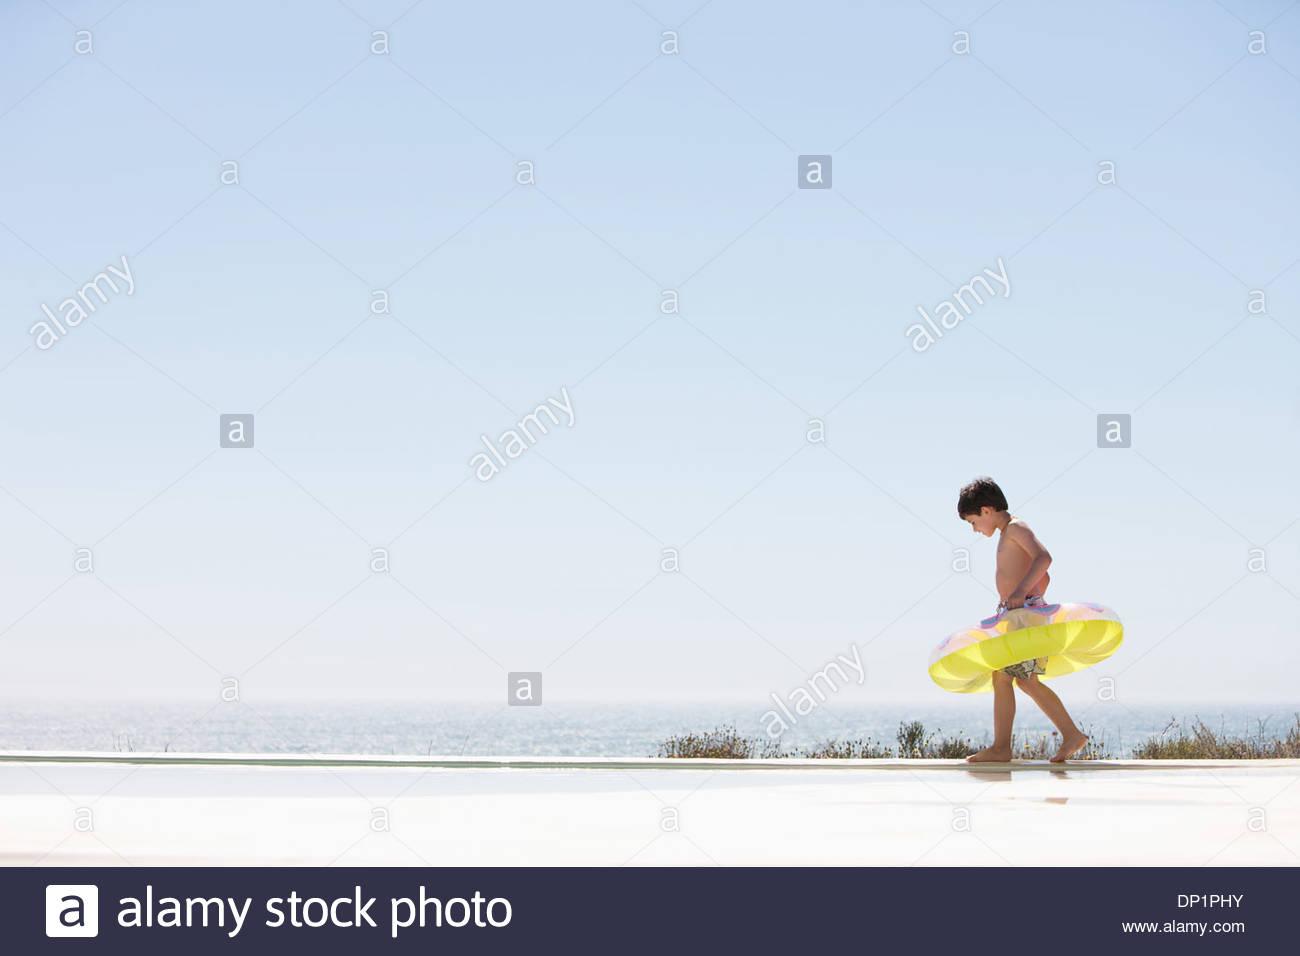 Niño con anillo inflable saliendo de piscina infinity Imagen De Stock